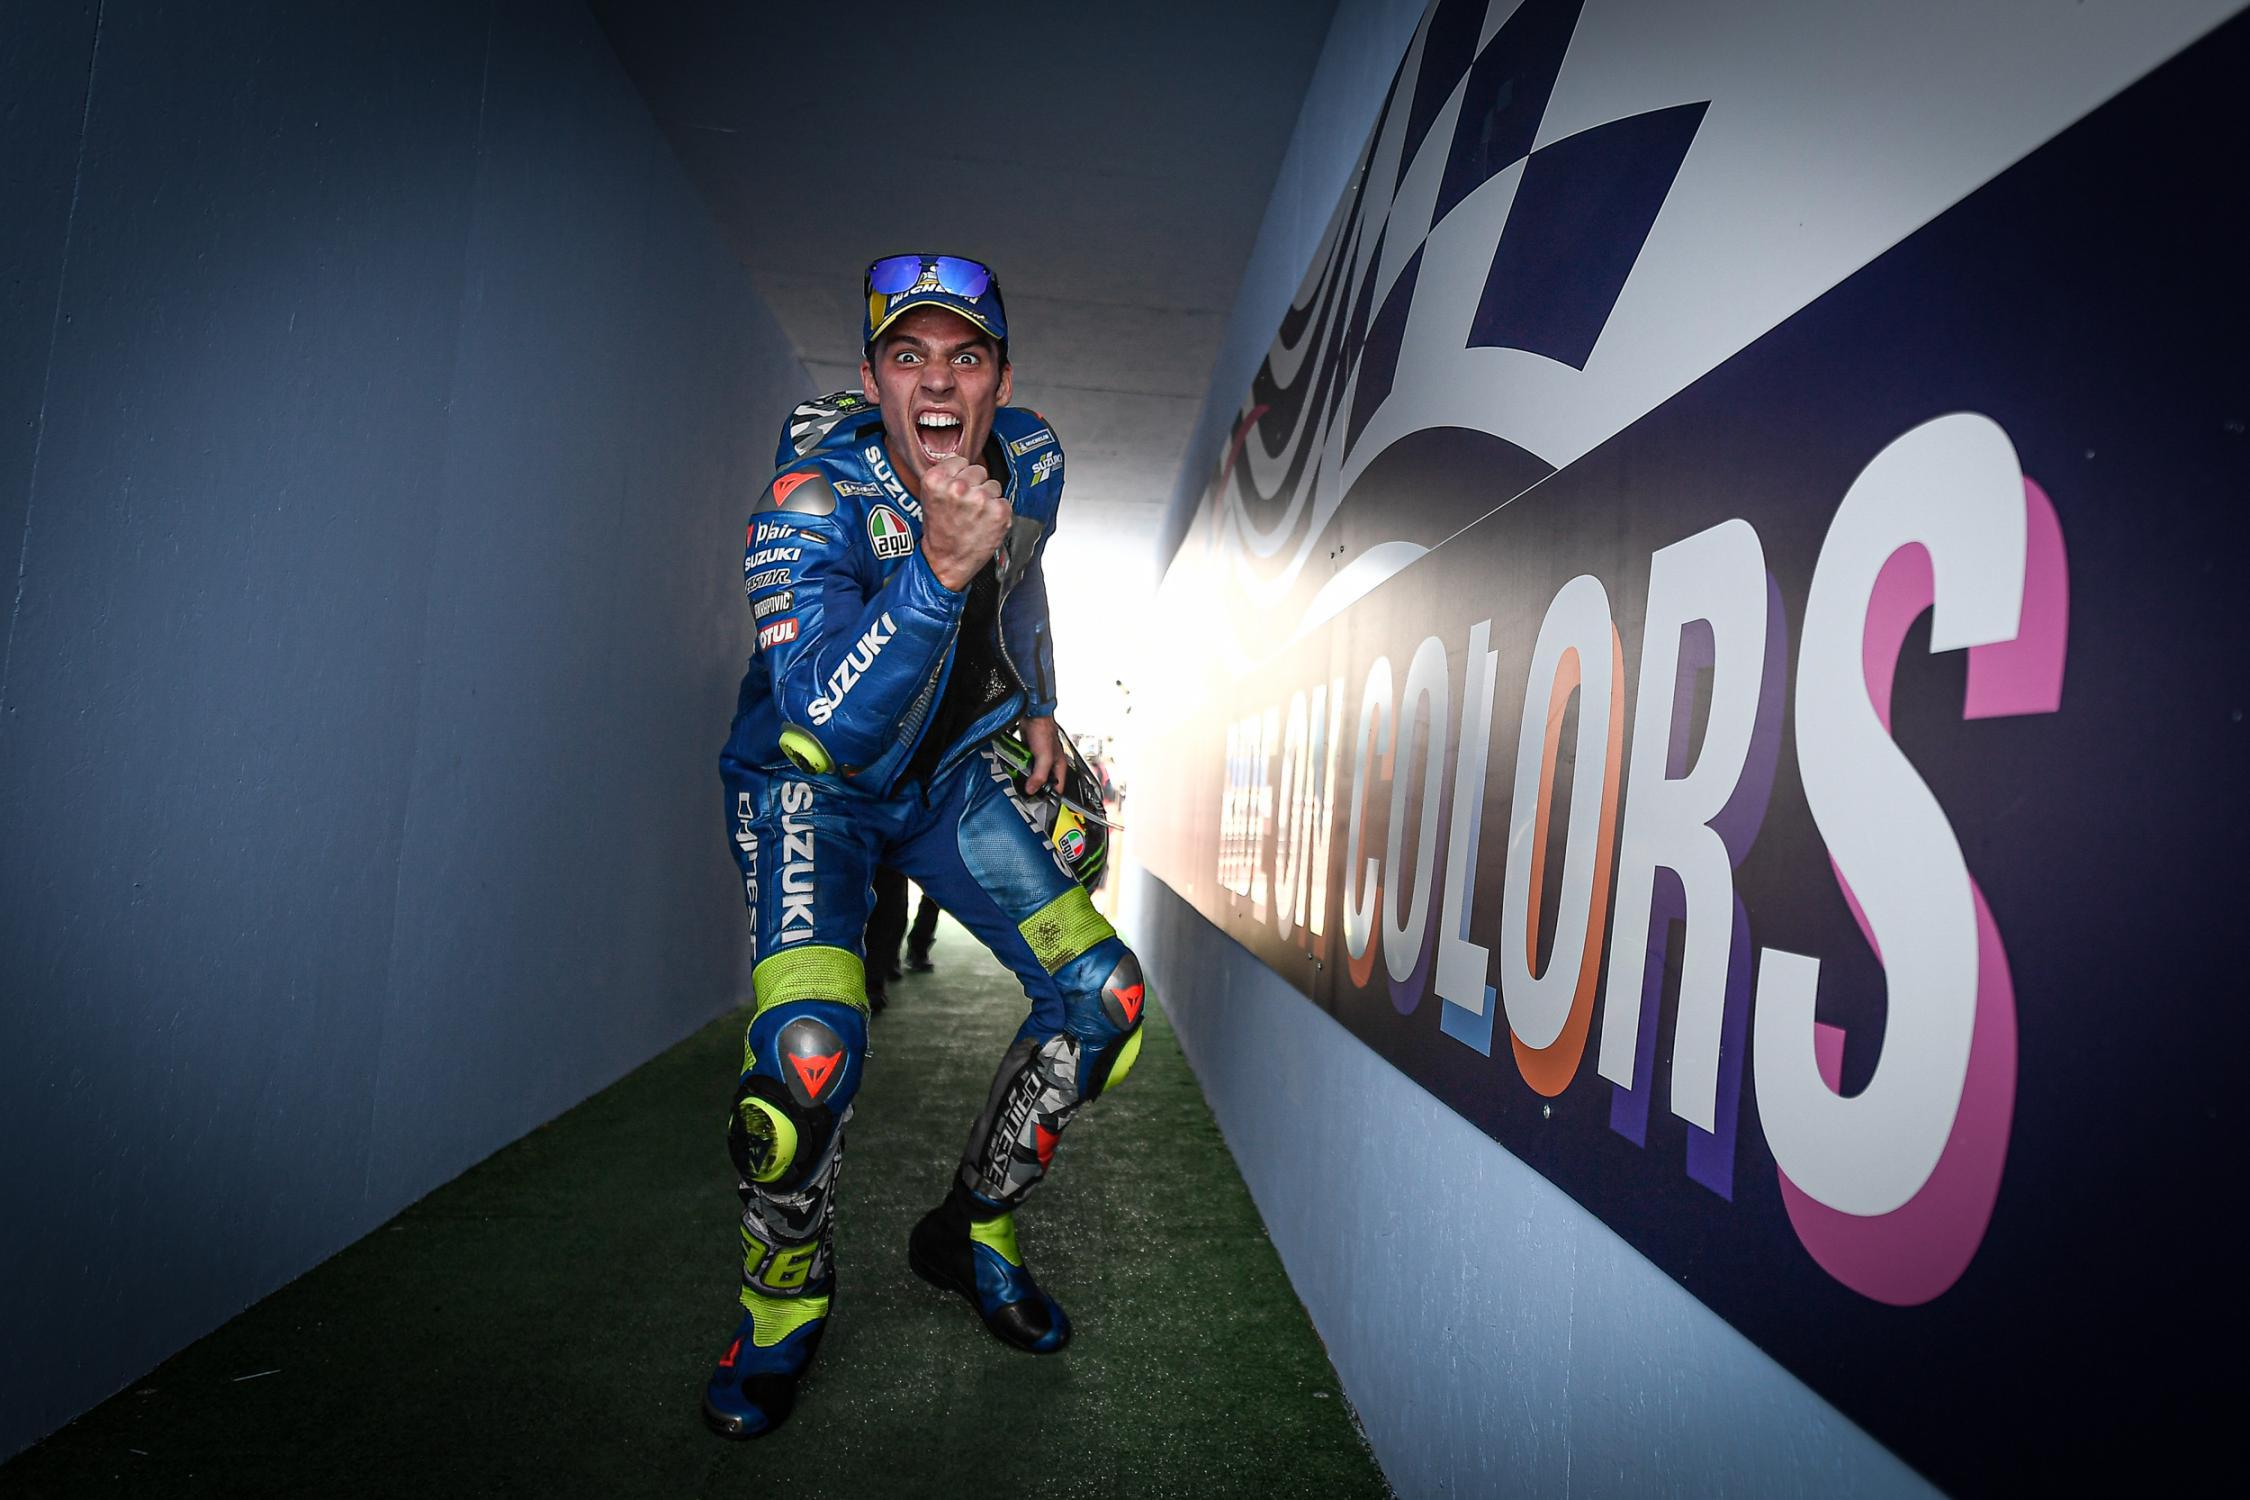 En tiempo récord: el rápido ascenso de Mir a lo más alto del motociclismo